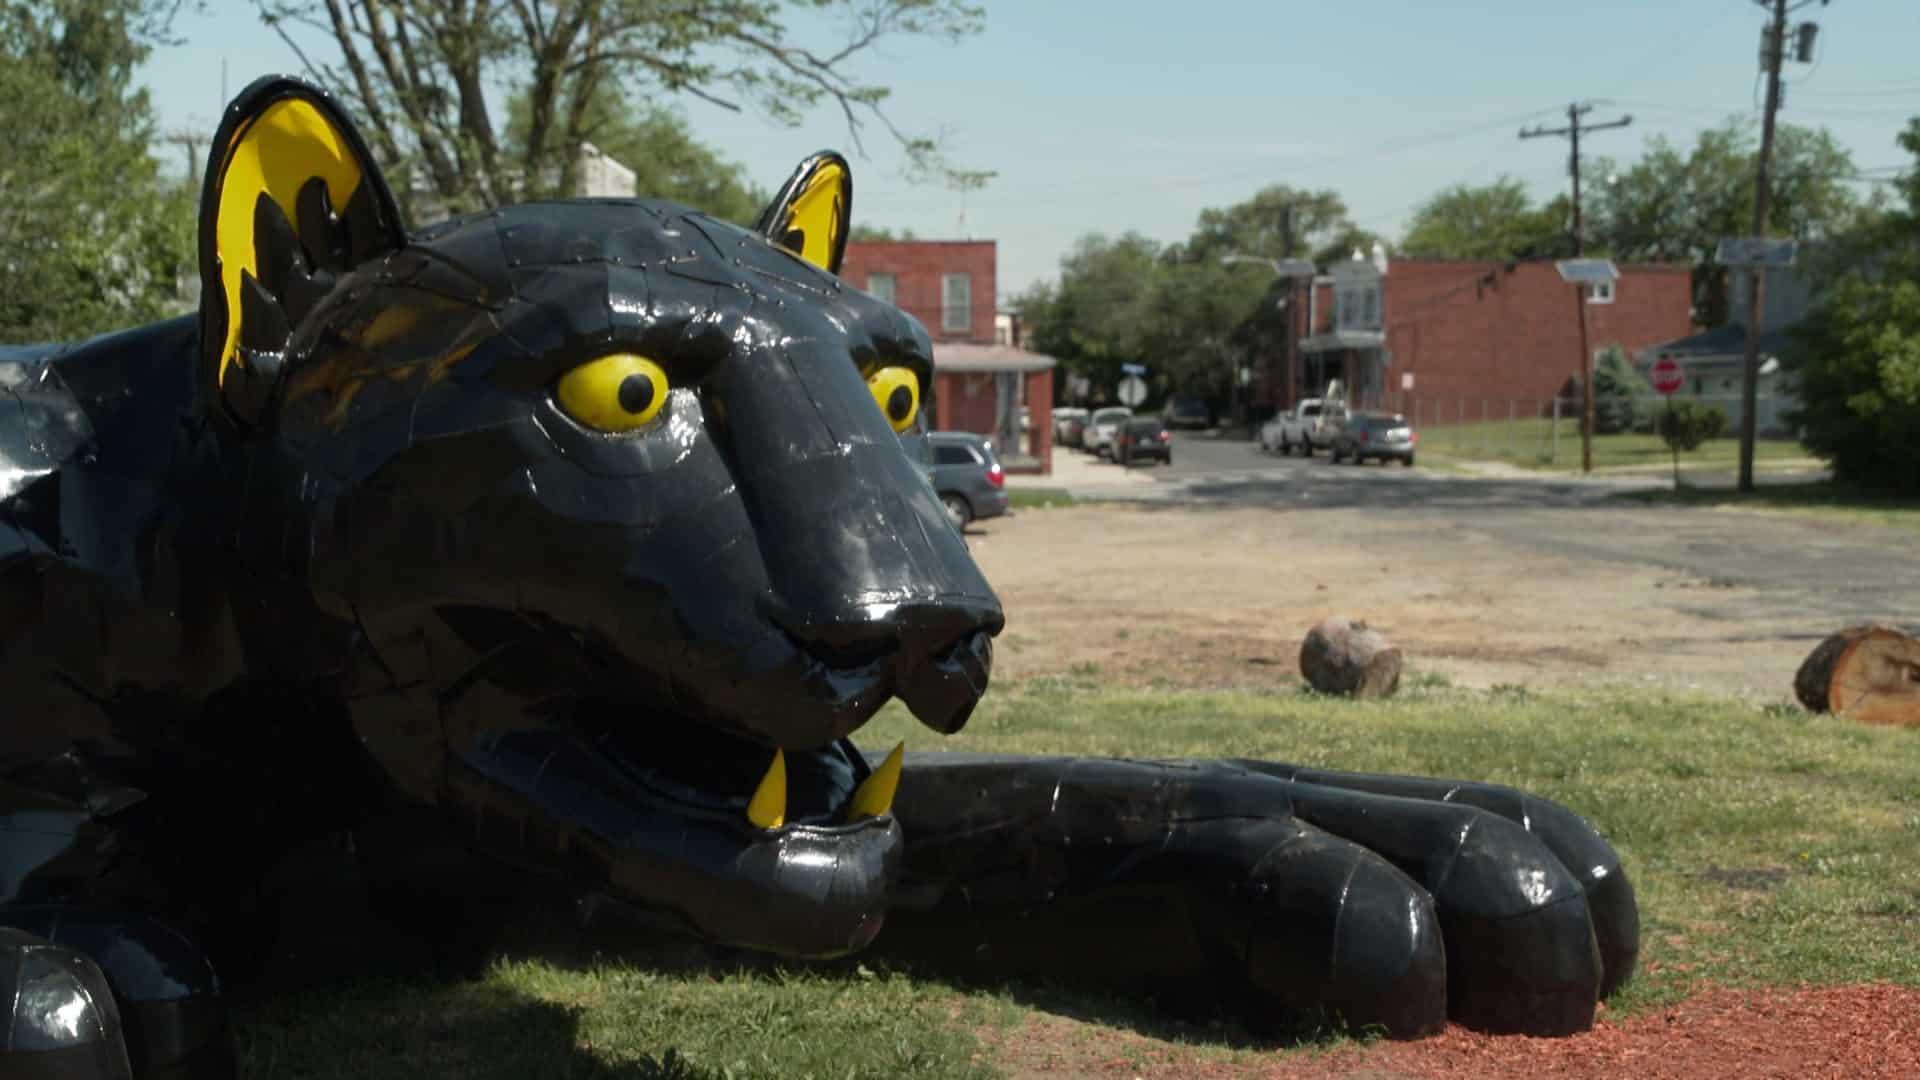 Sculpture from A New View Camden